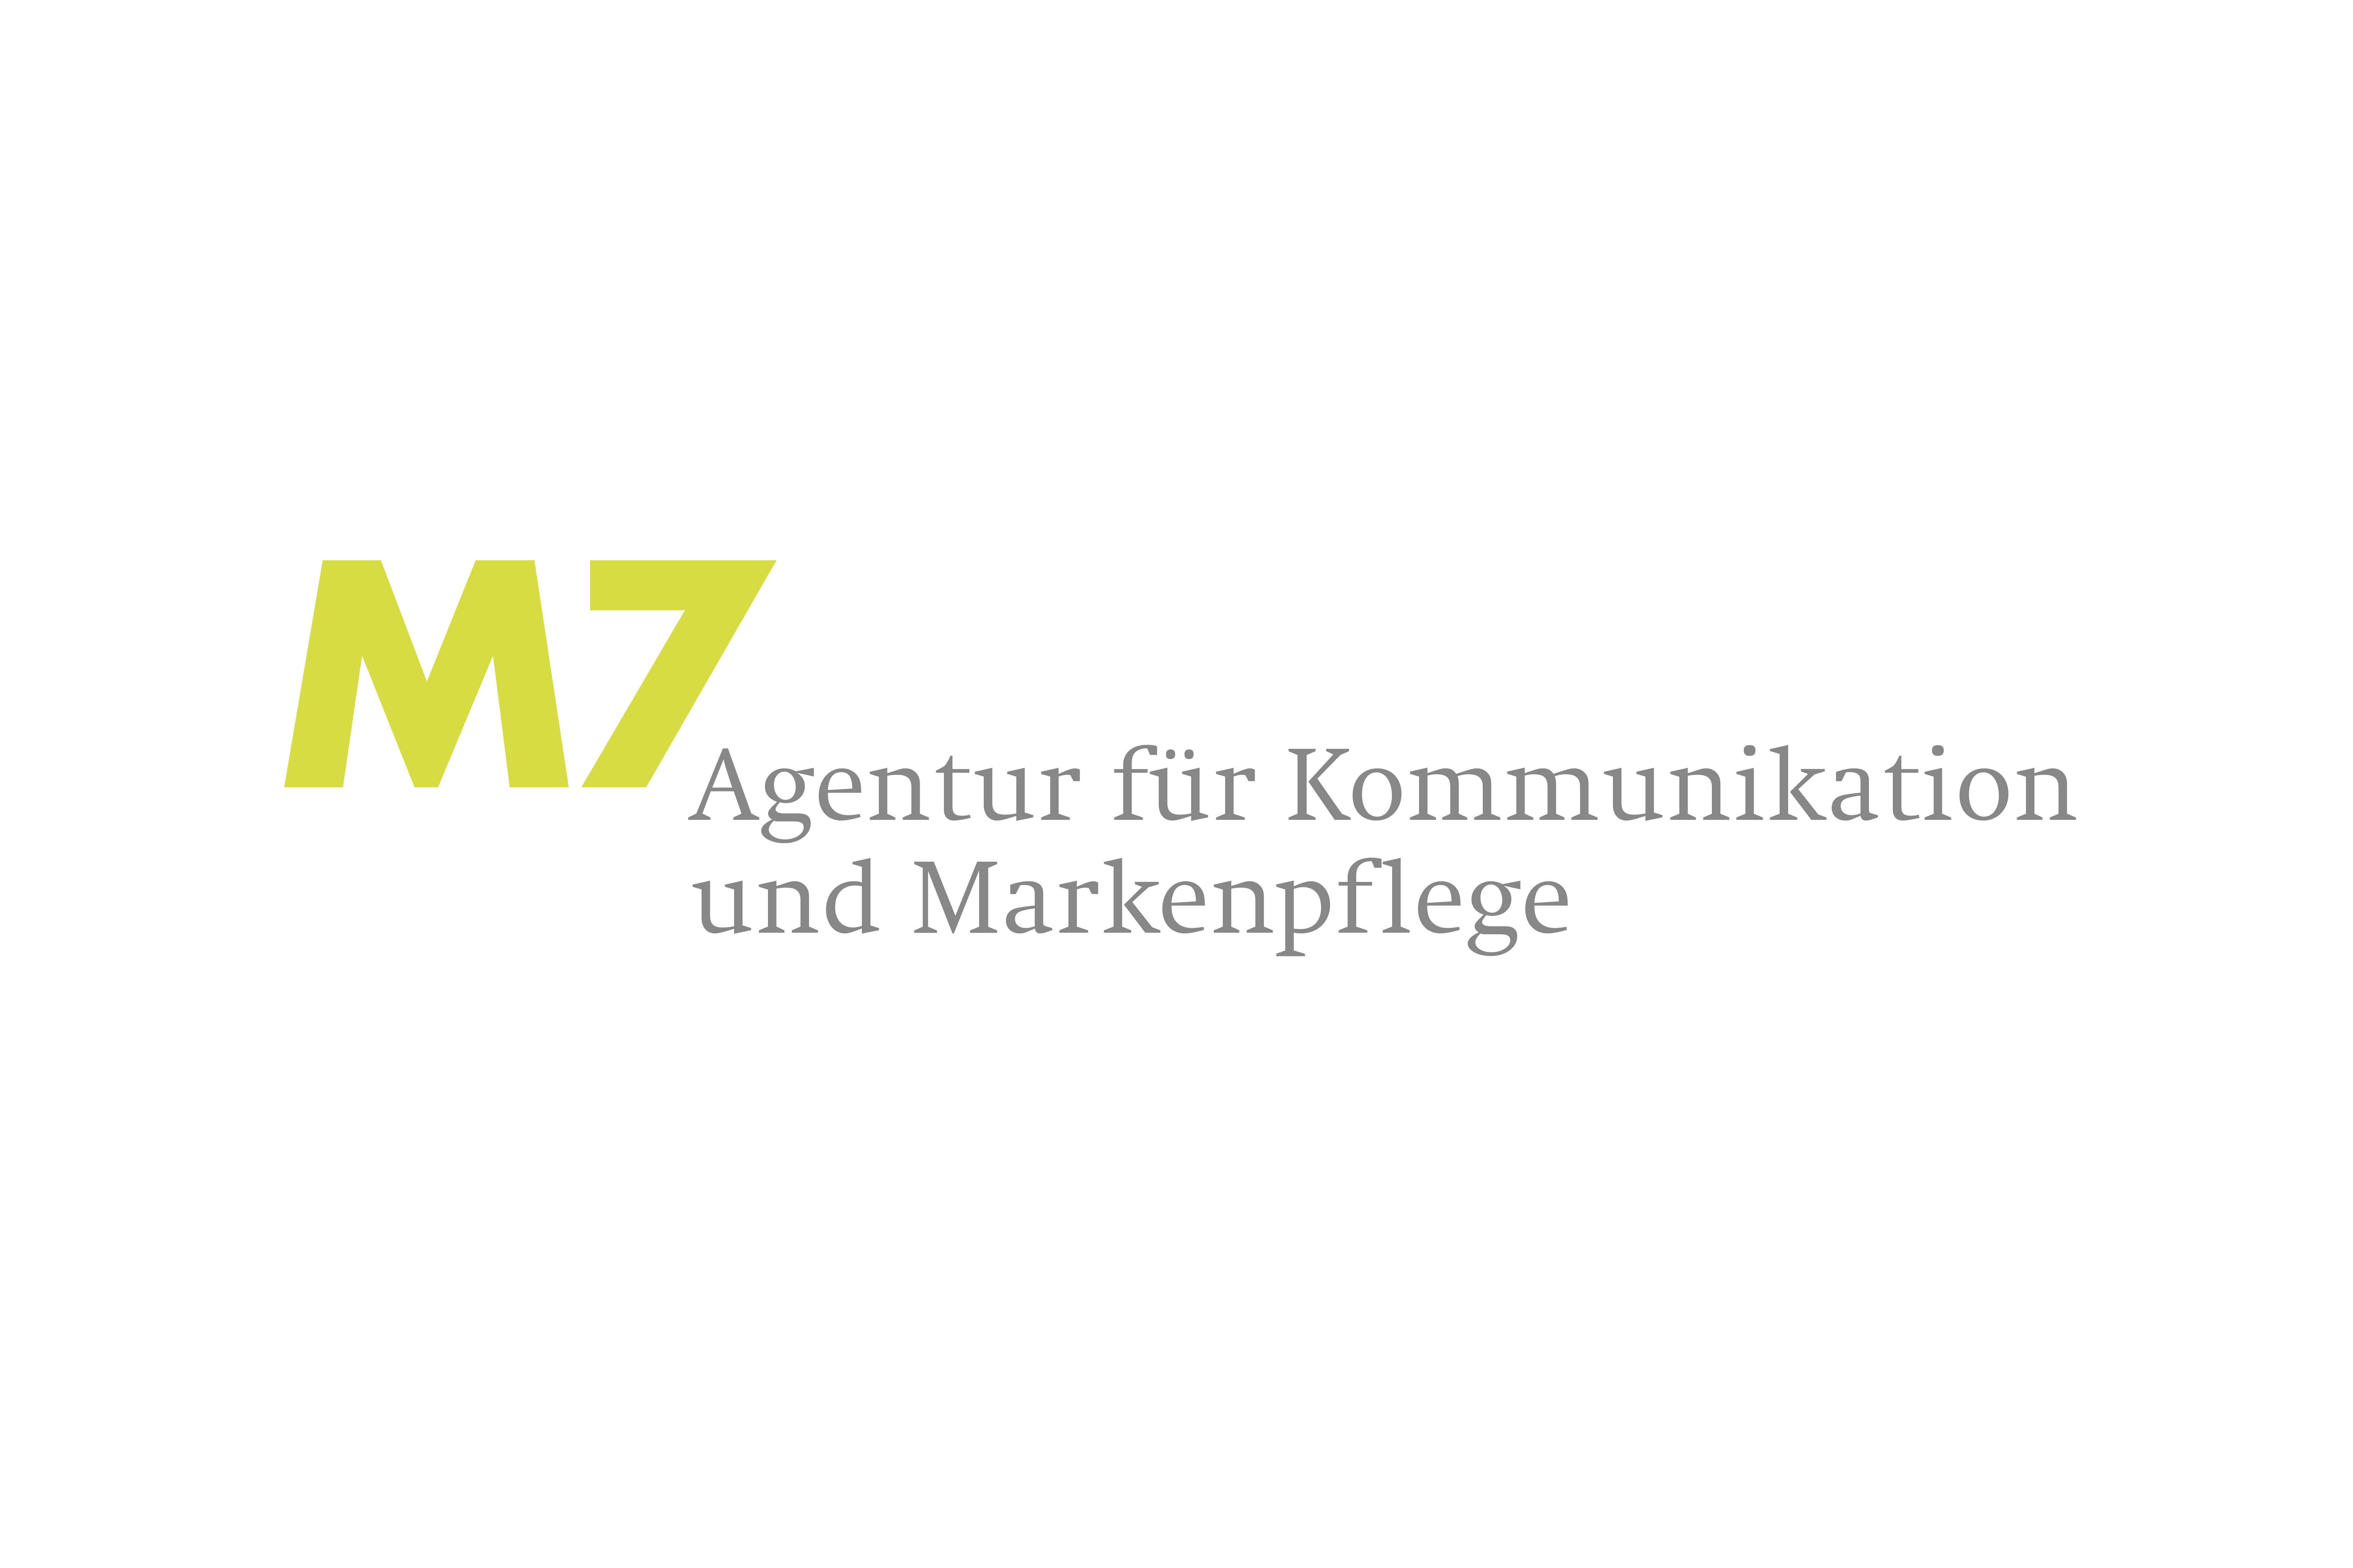 M7 Agentur für Kommunikation und Markenpflege